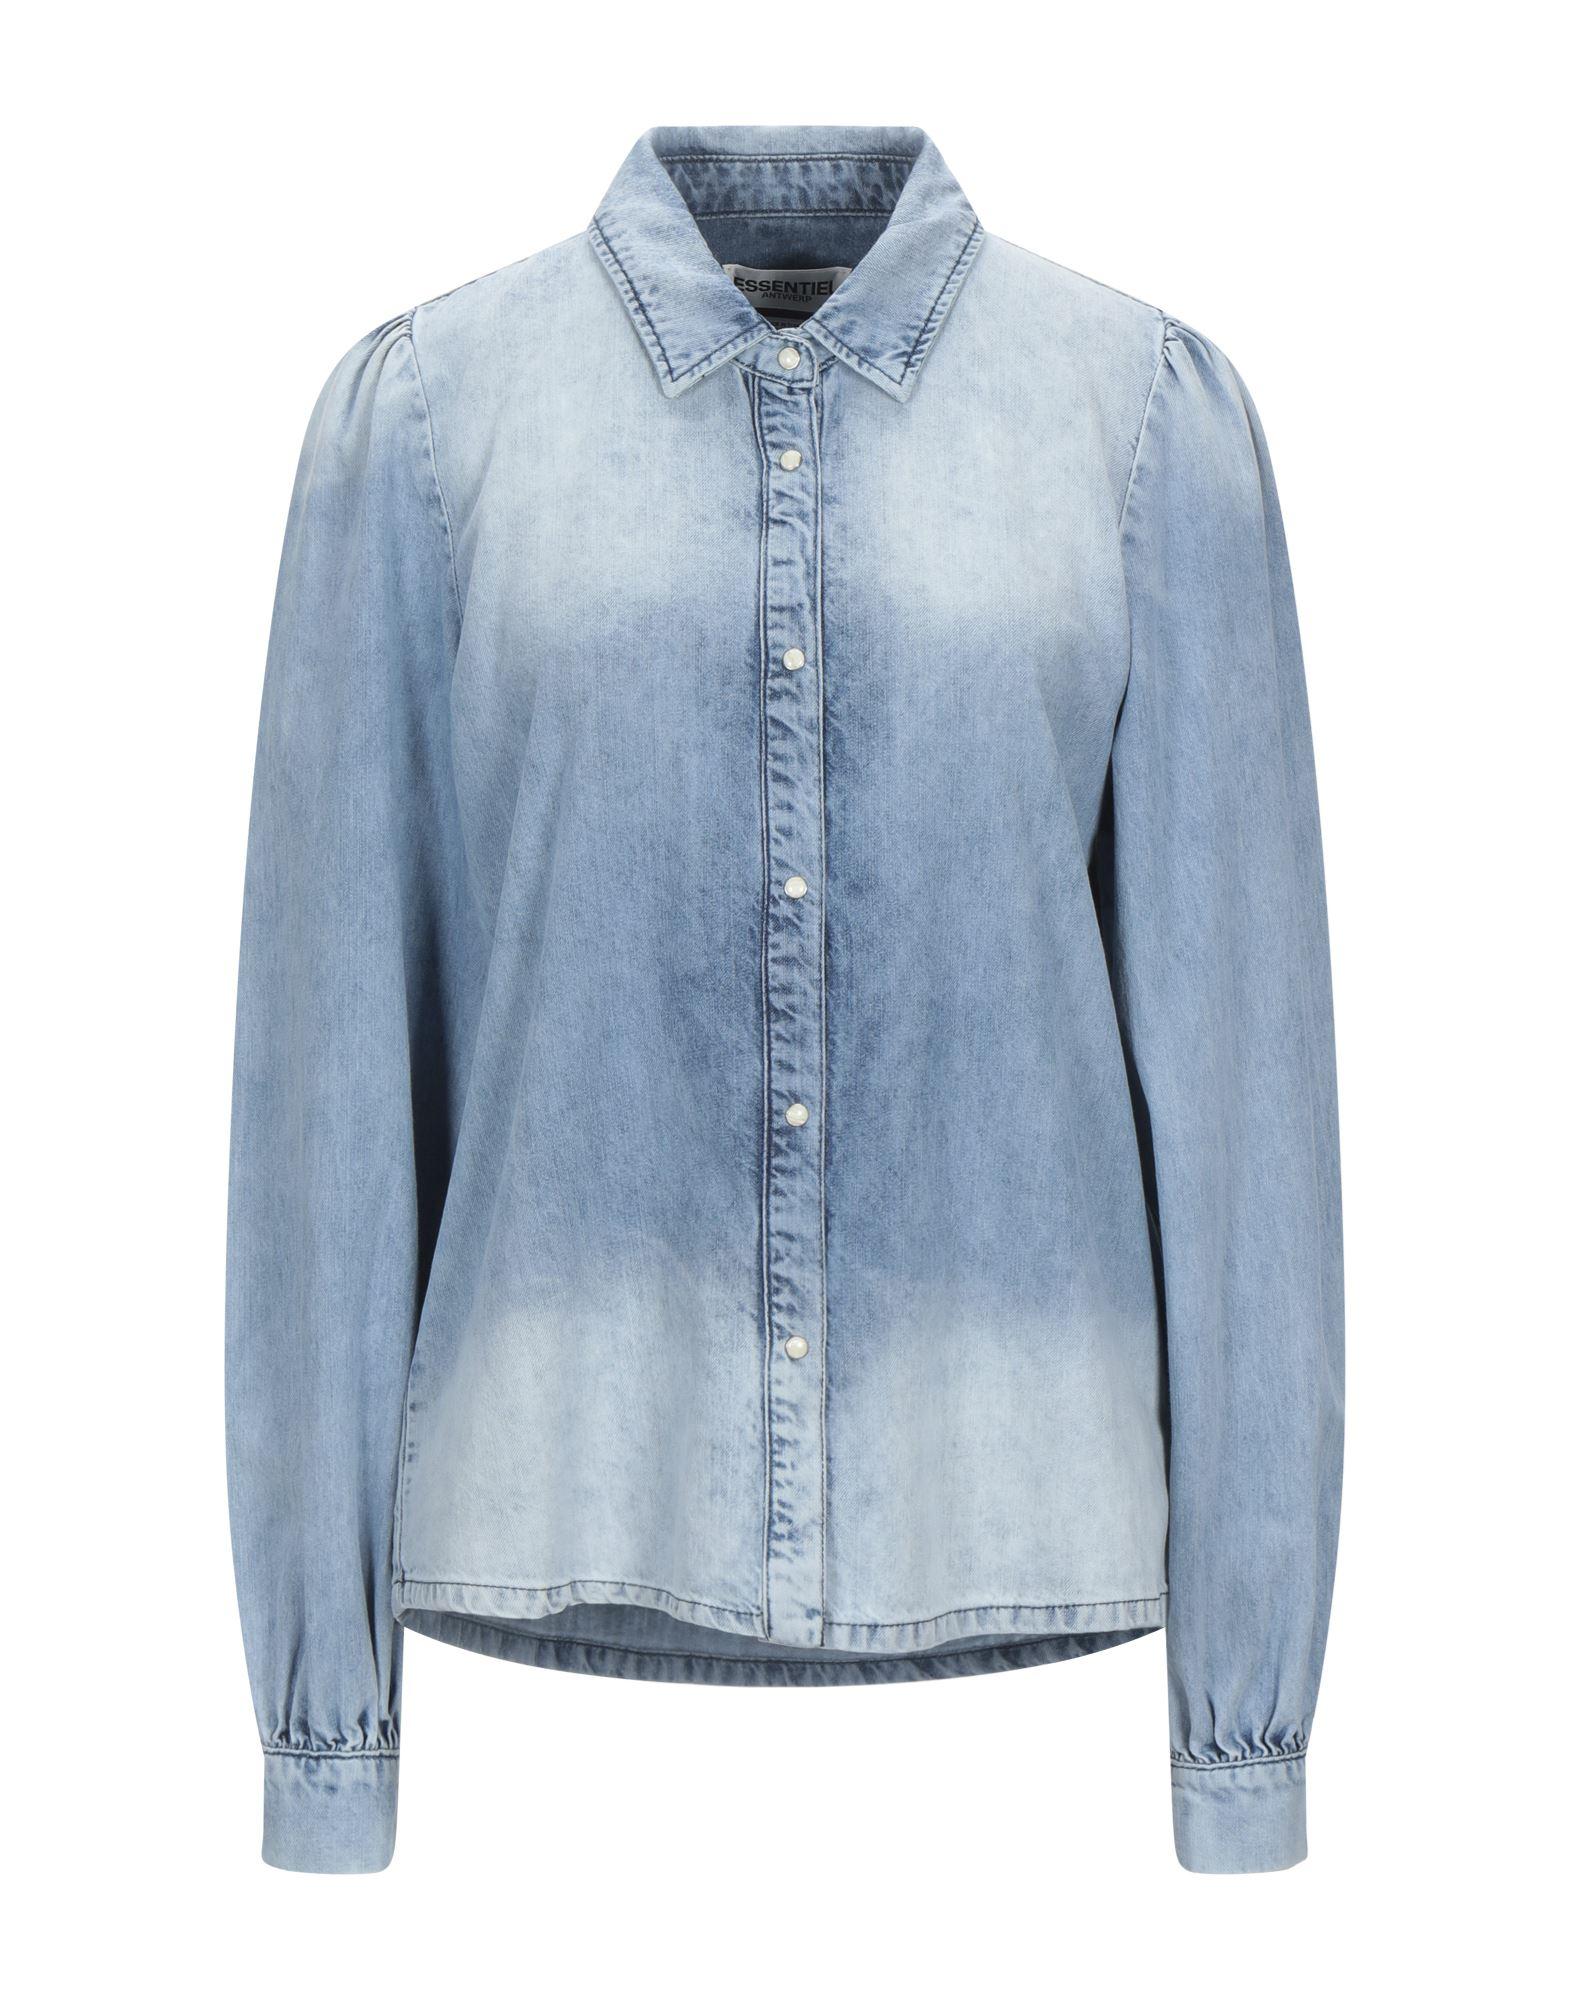 ESSENTIEL ANTWERP Denim shirts - Item 42822038